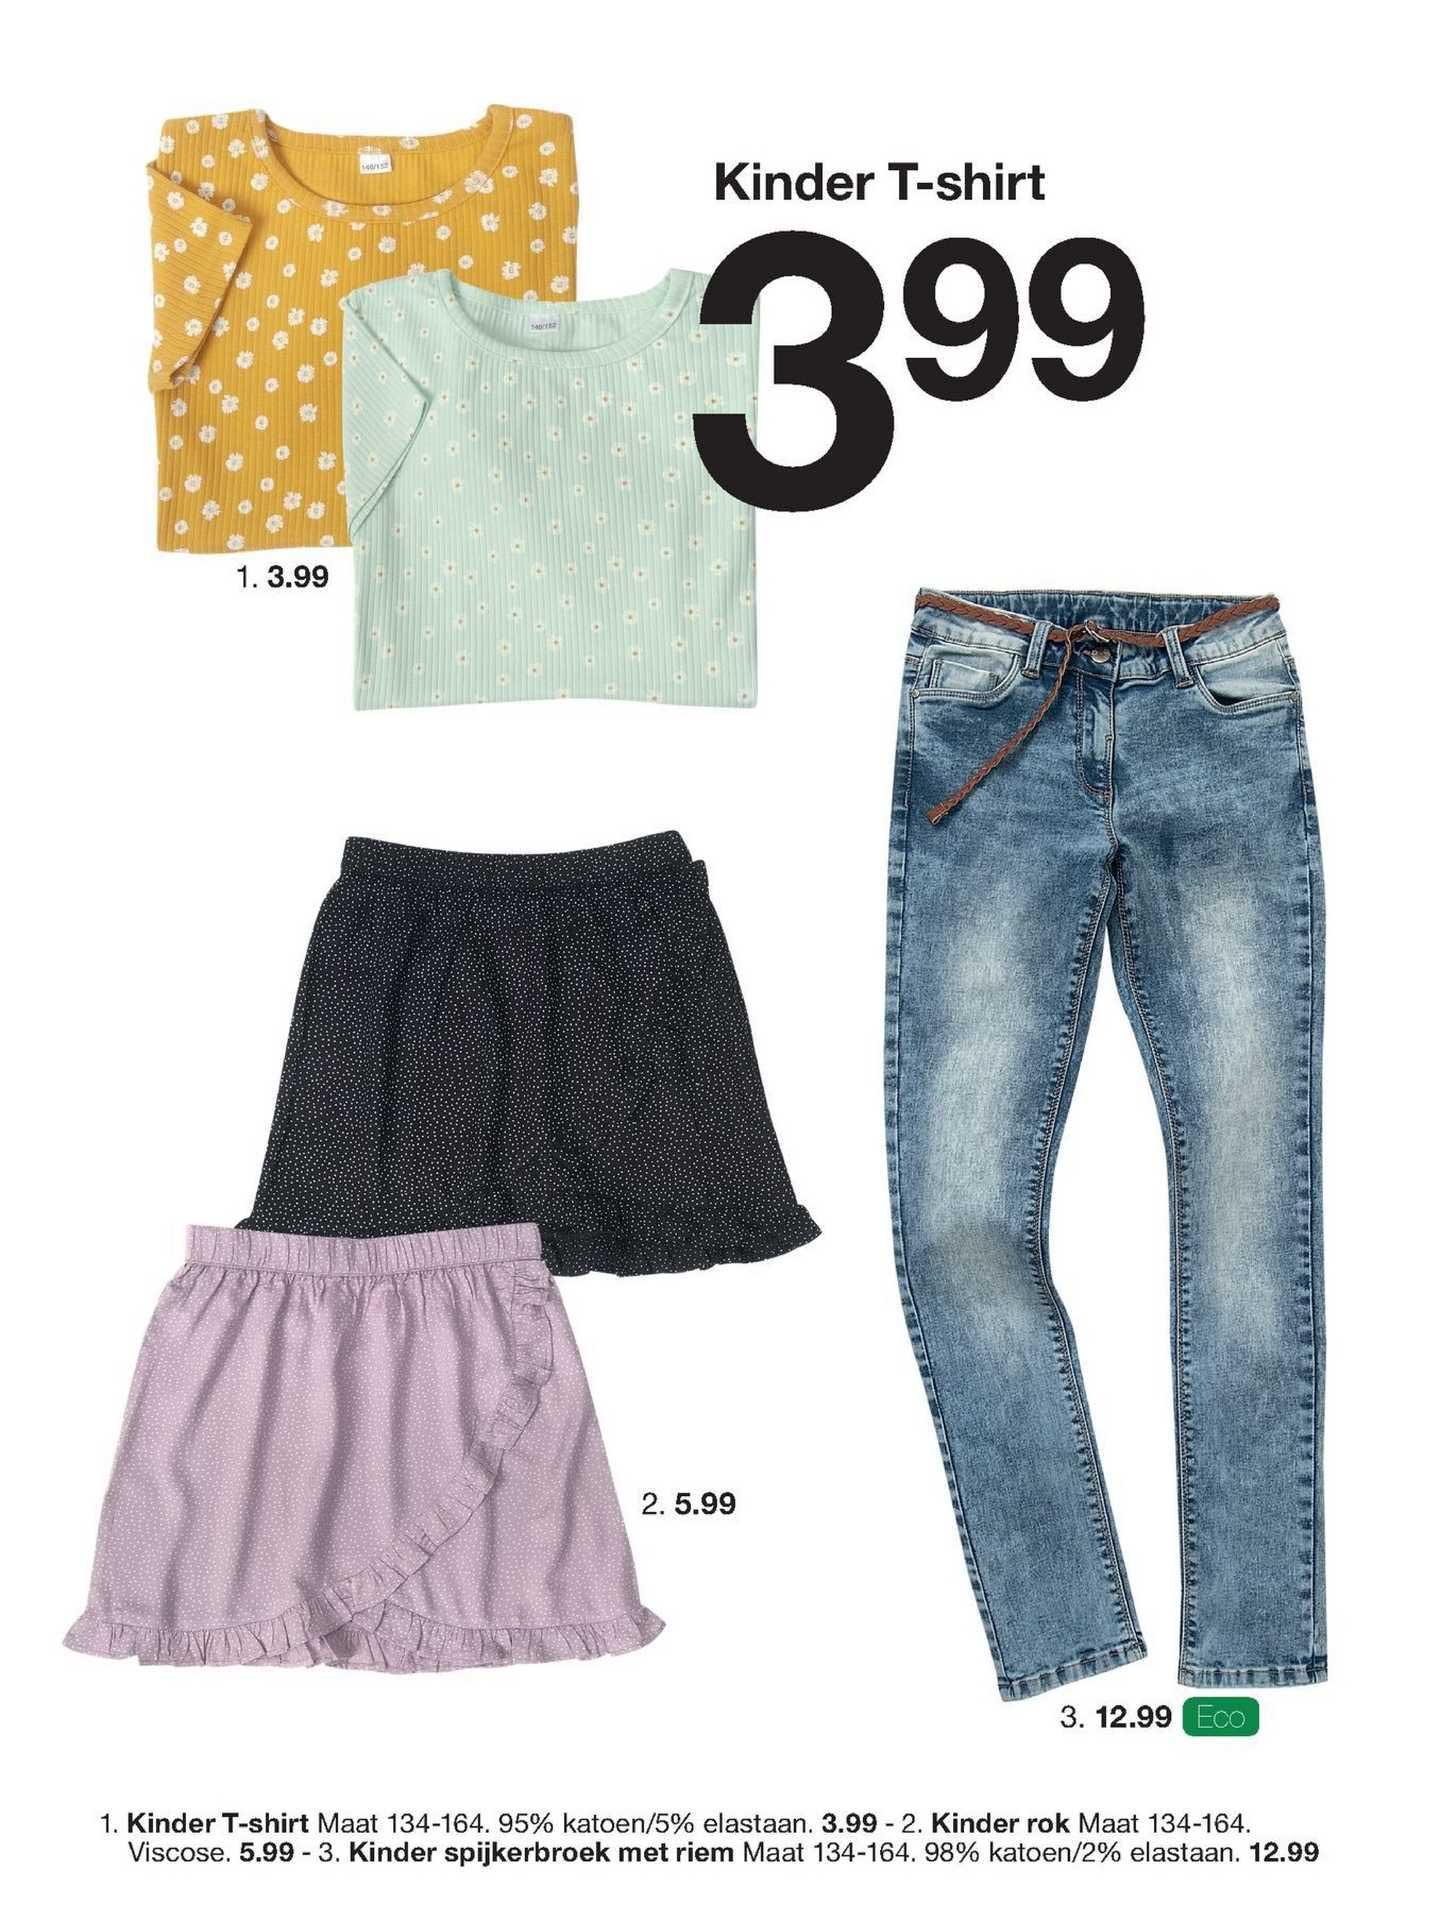 Zeeman Kinder T-Shirt, Kinder Rok Of Kinder Spijkerbroek Met Riem